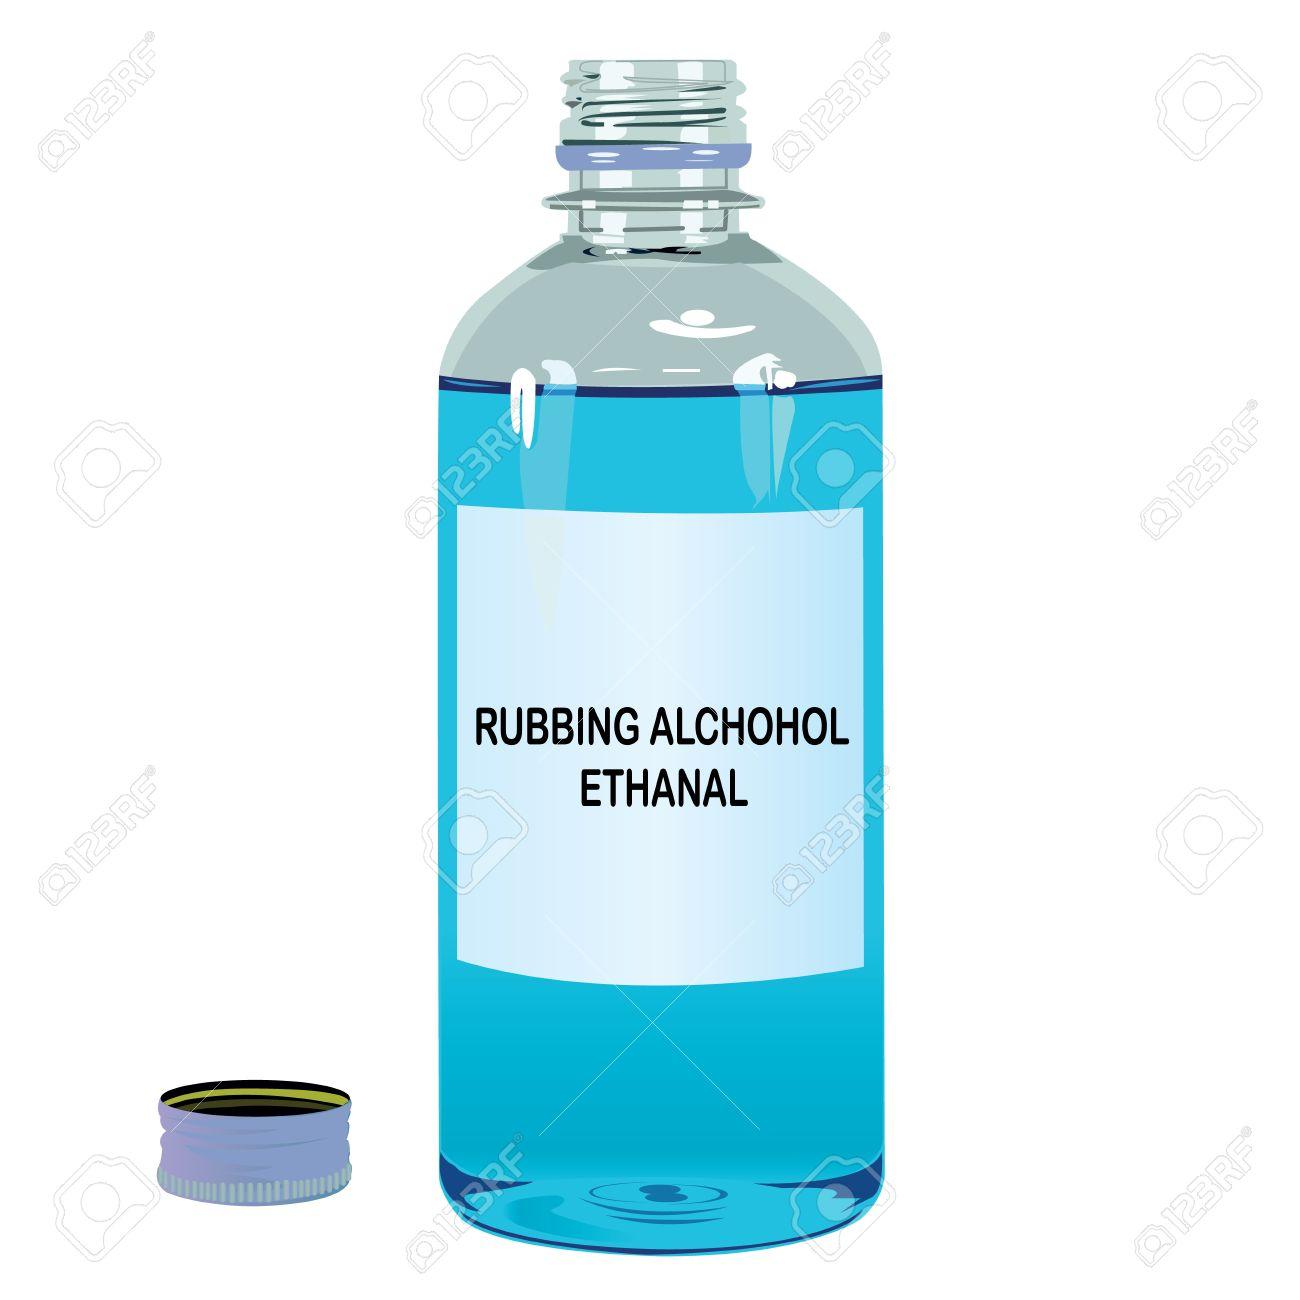 Rubbing Alcohol Clipart.